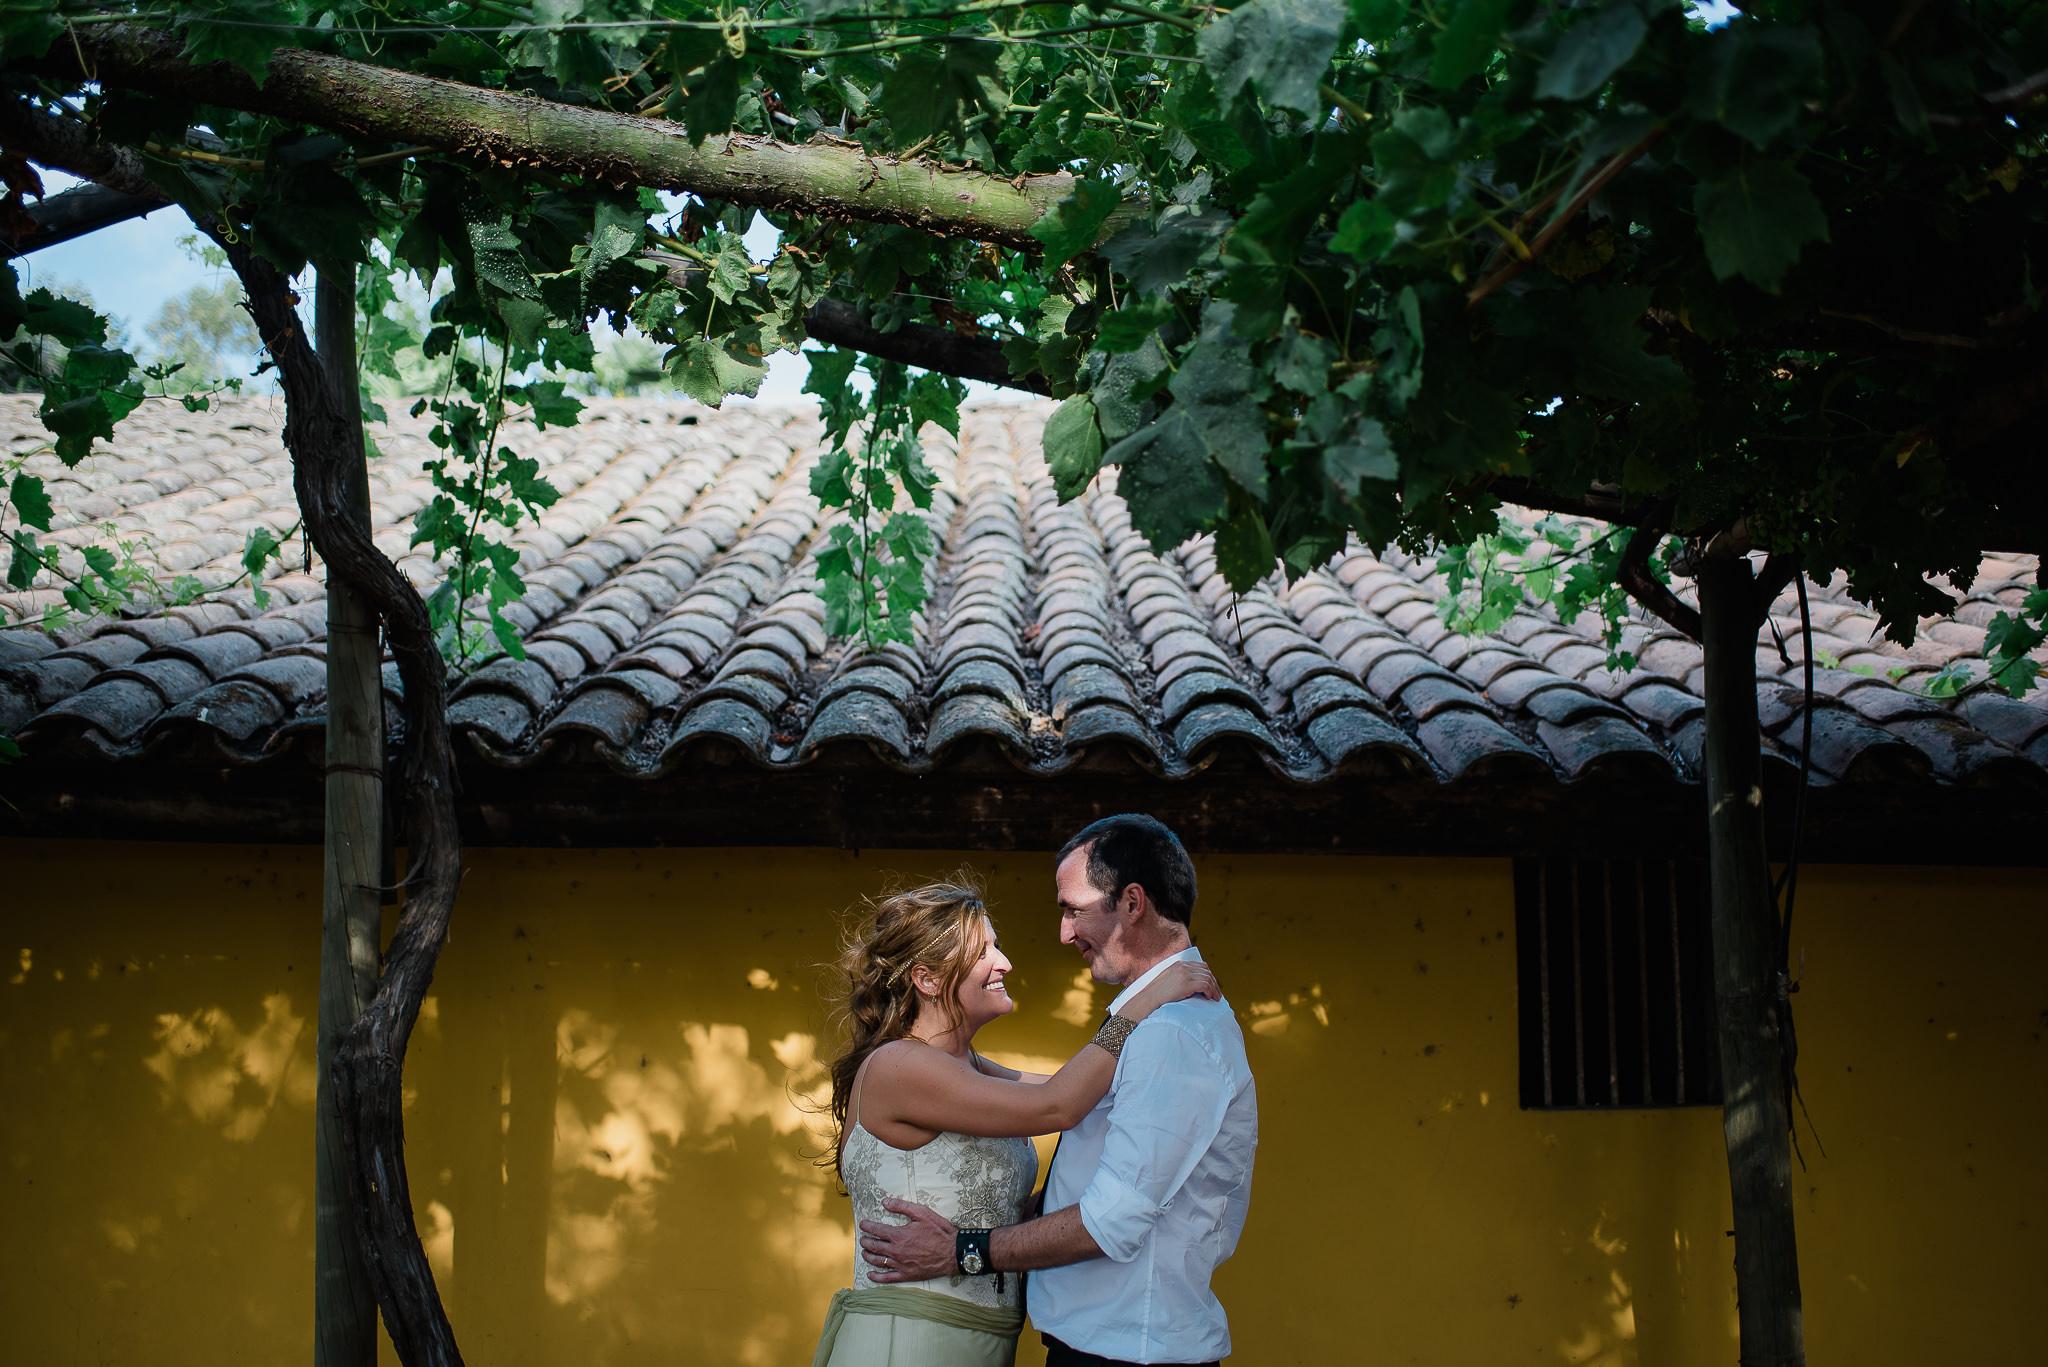 Matrimonio Catolico Al Aire Libre Chile : Matrimonio al aire libre en santiago gino israel fotógrafo